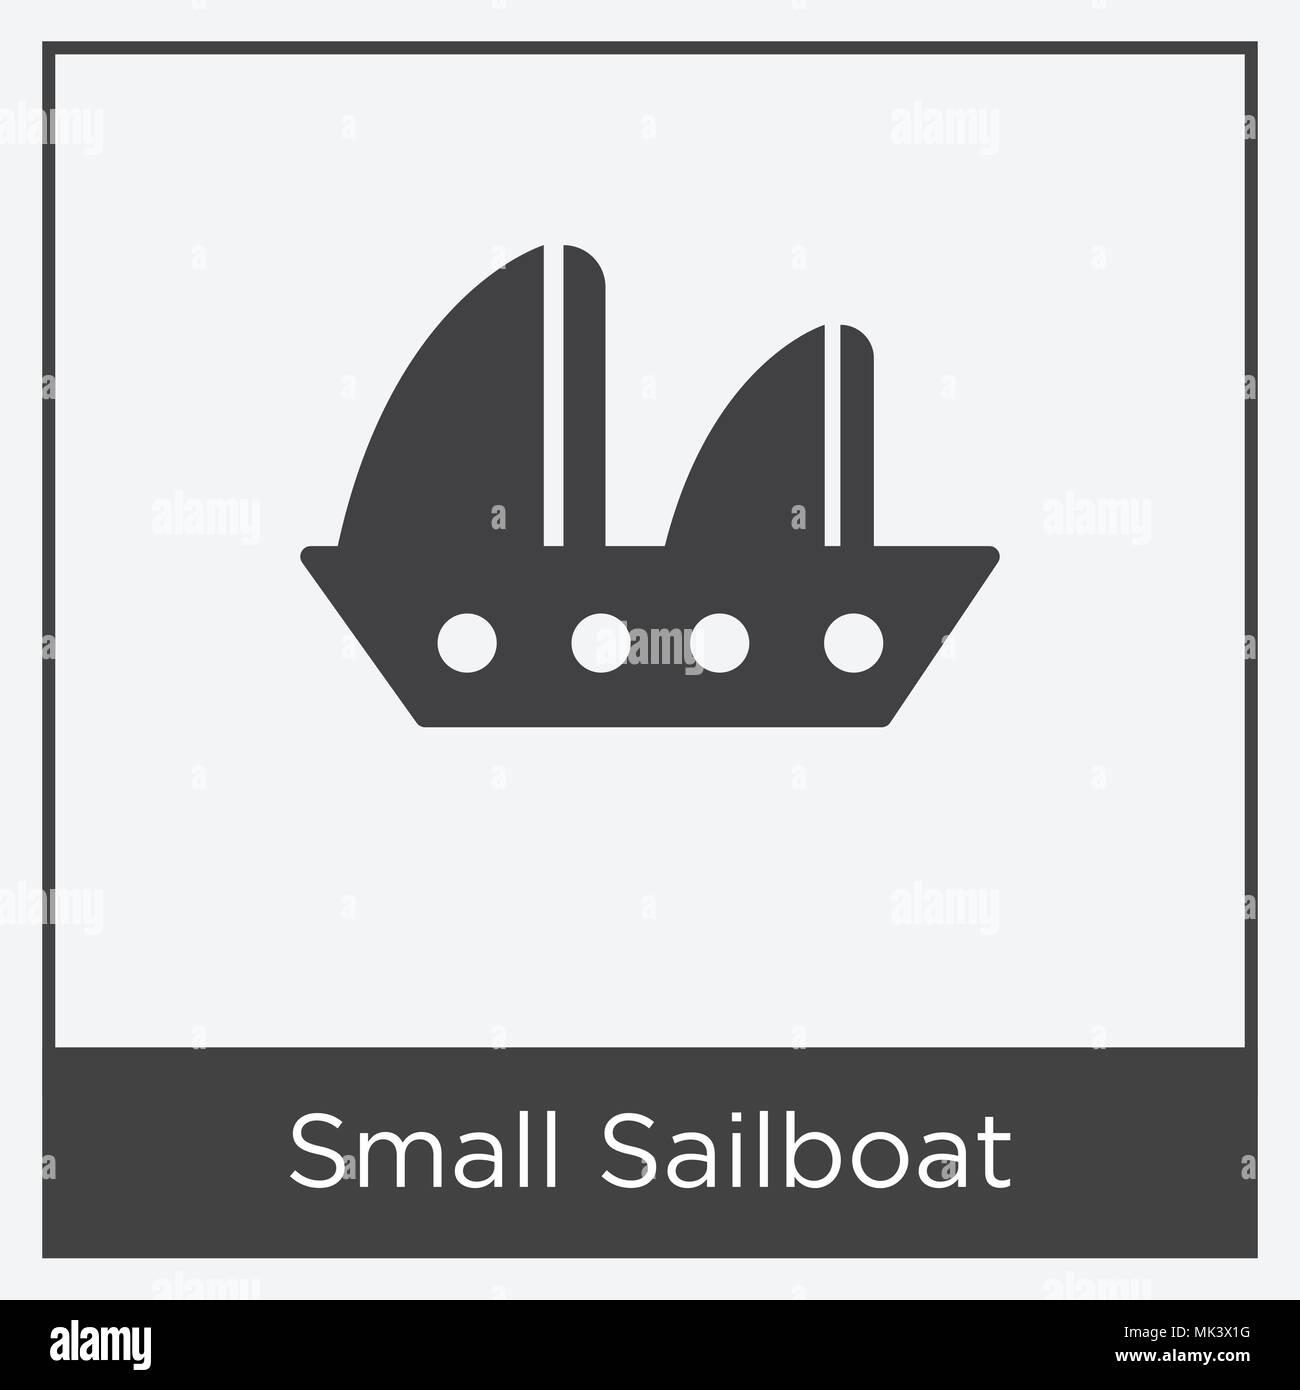 Summer Boat Illustration Stockfotos & Summer Boat Illustration ...